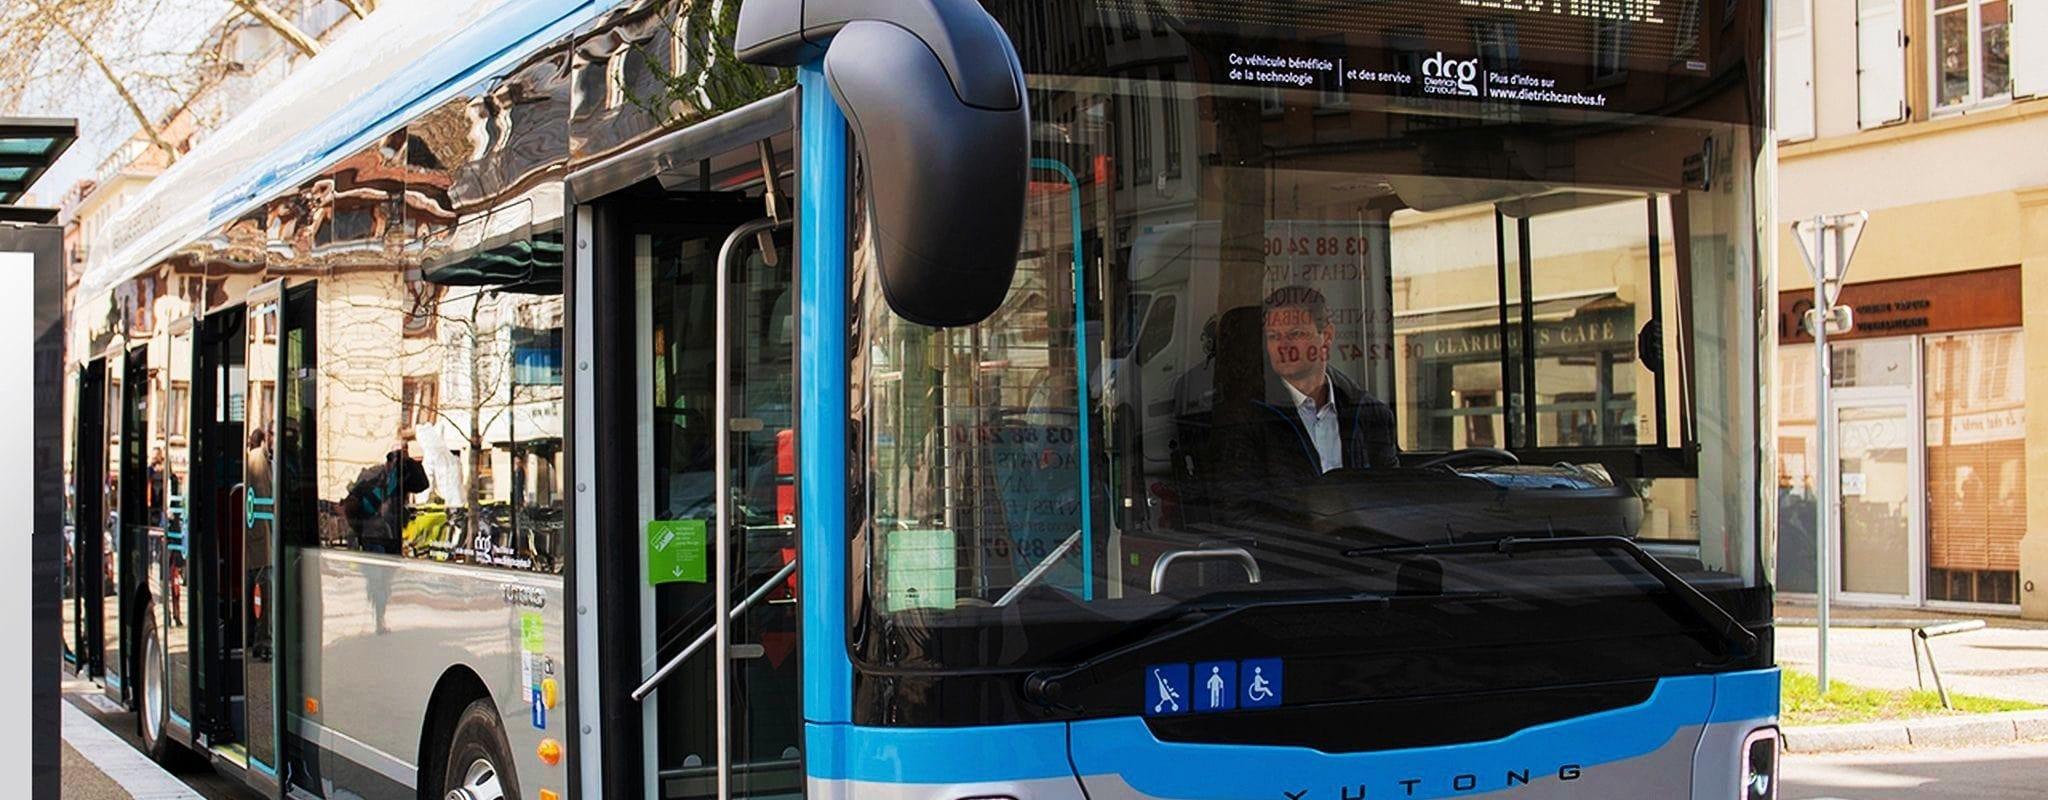 La CTS équipe sa ligne 10 de bus électriques chinois